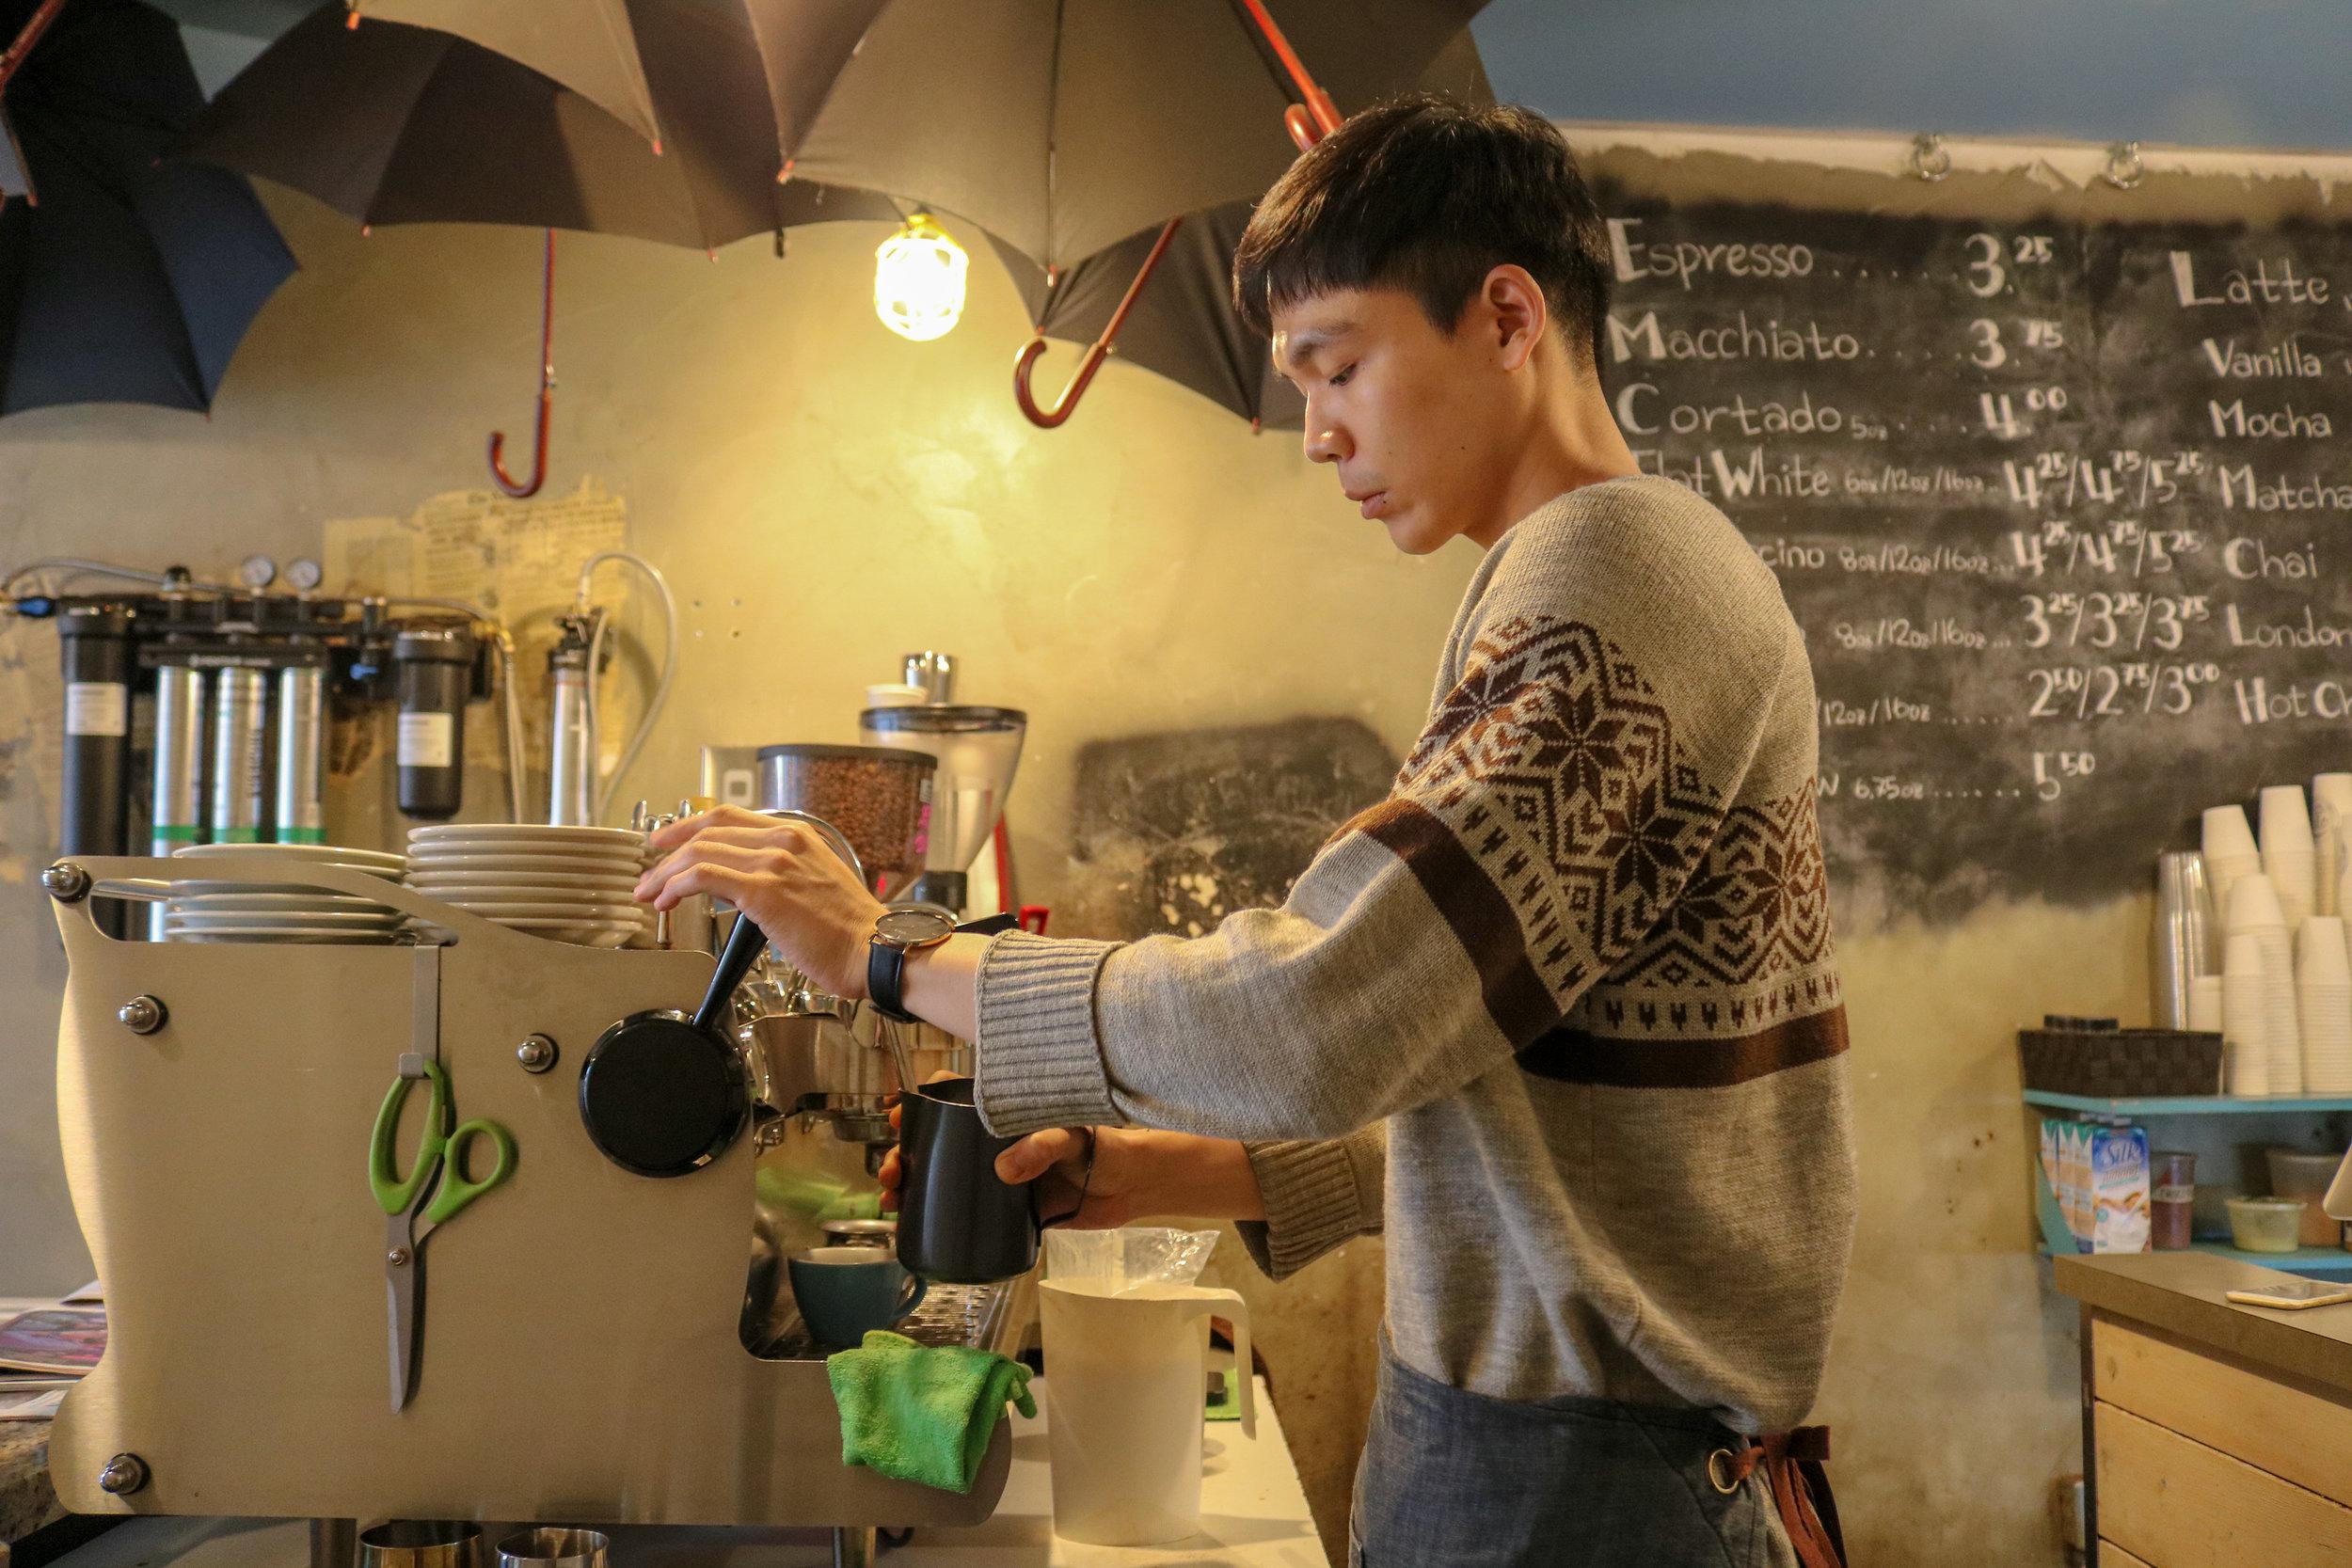 De Mello Staff Making Coffee